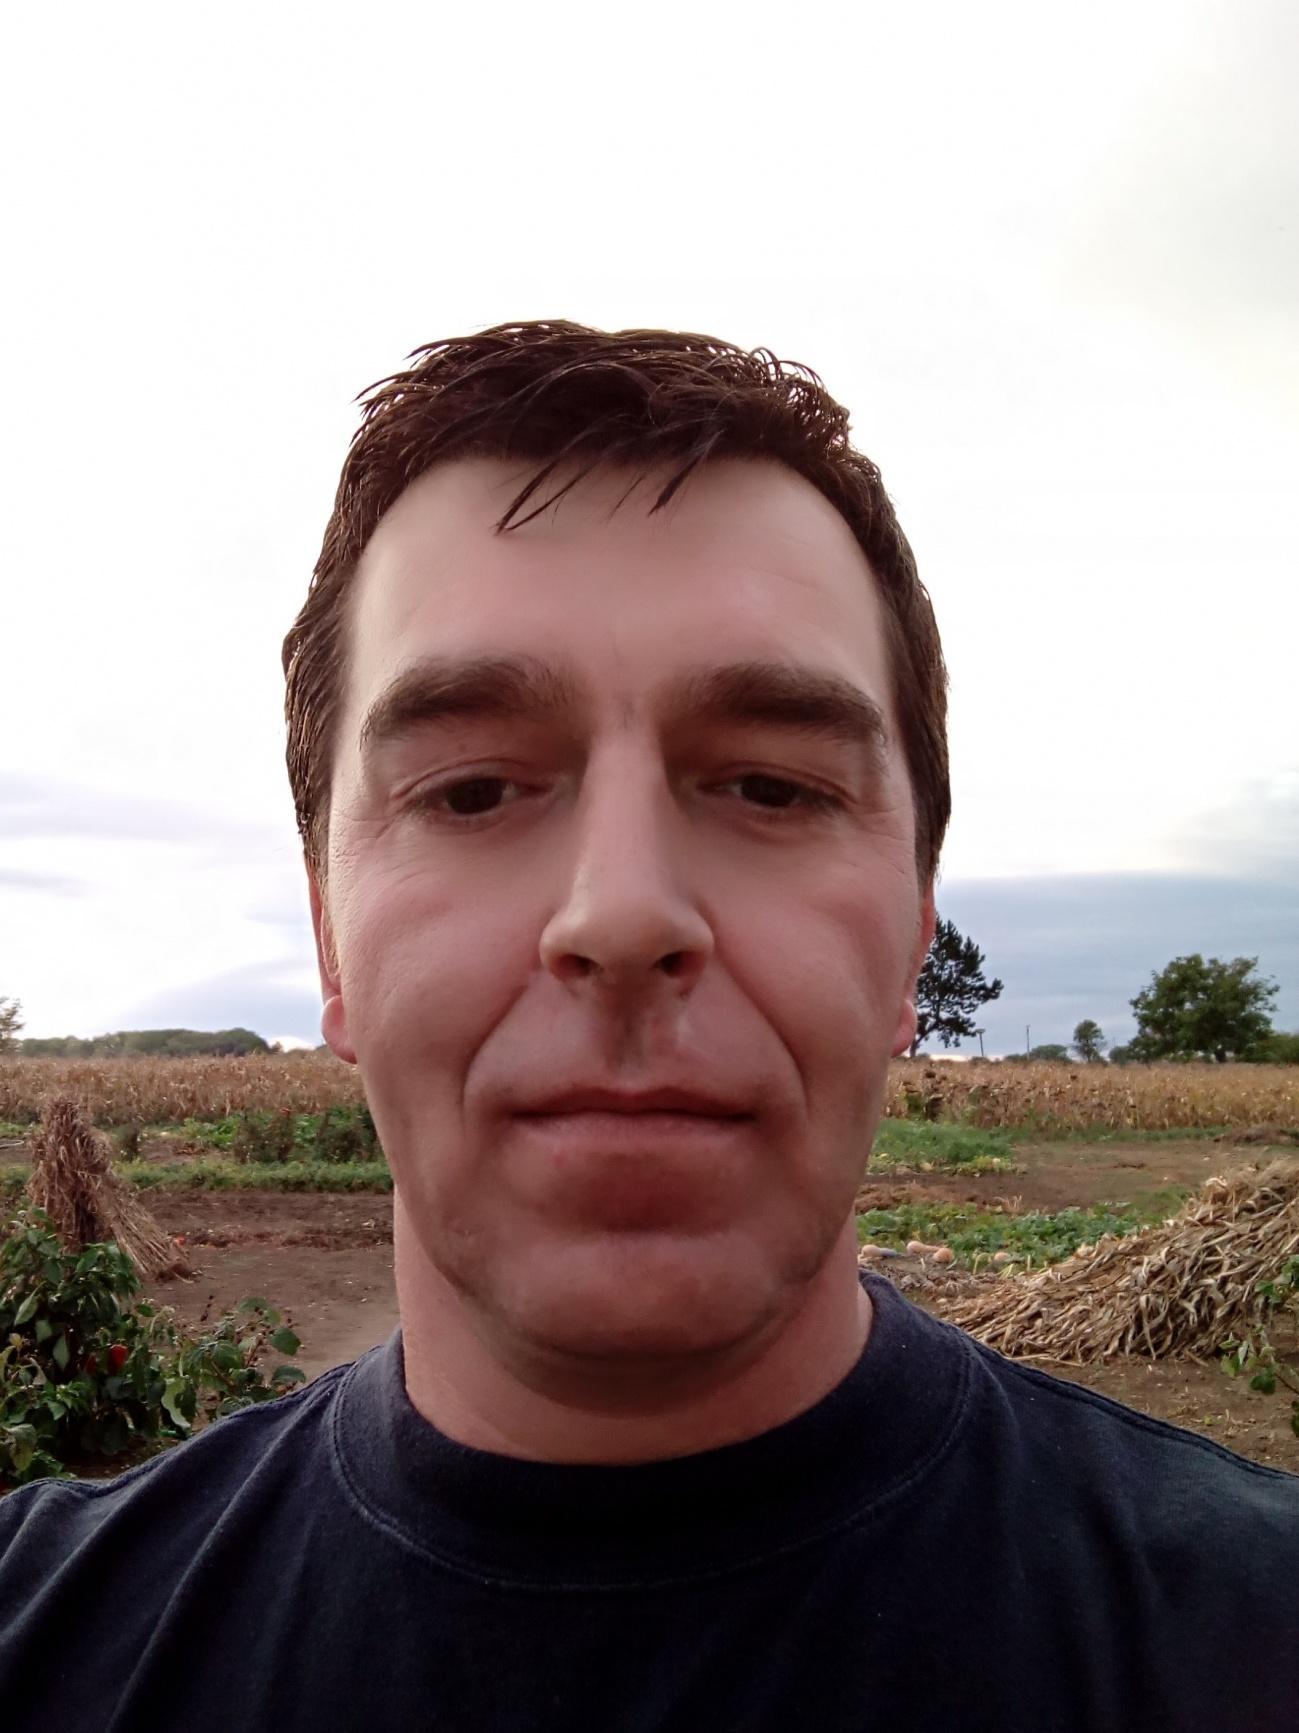 Craigslist longview tx társkereső